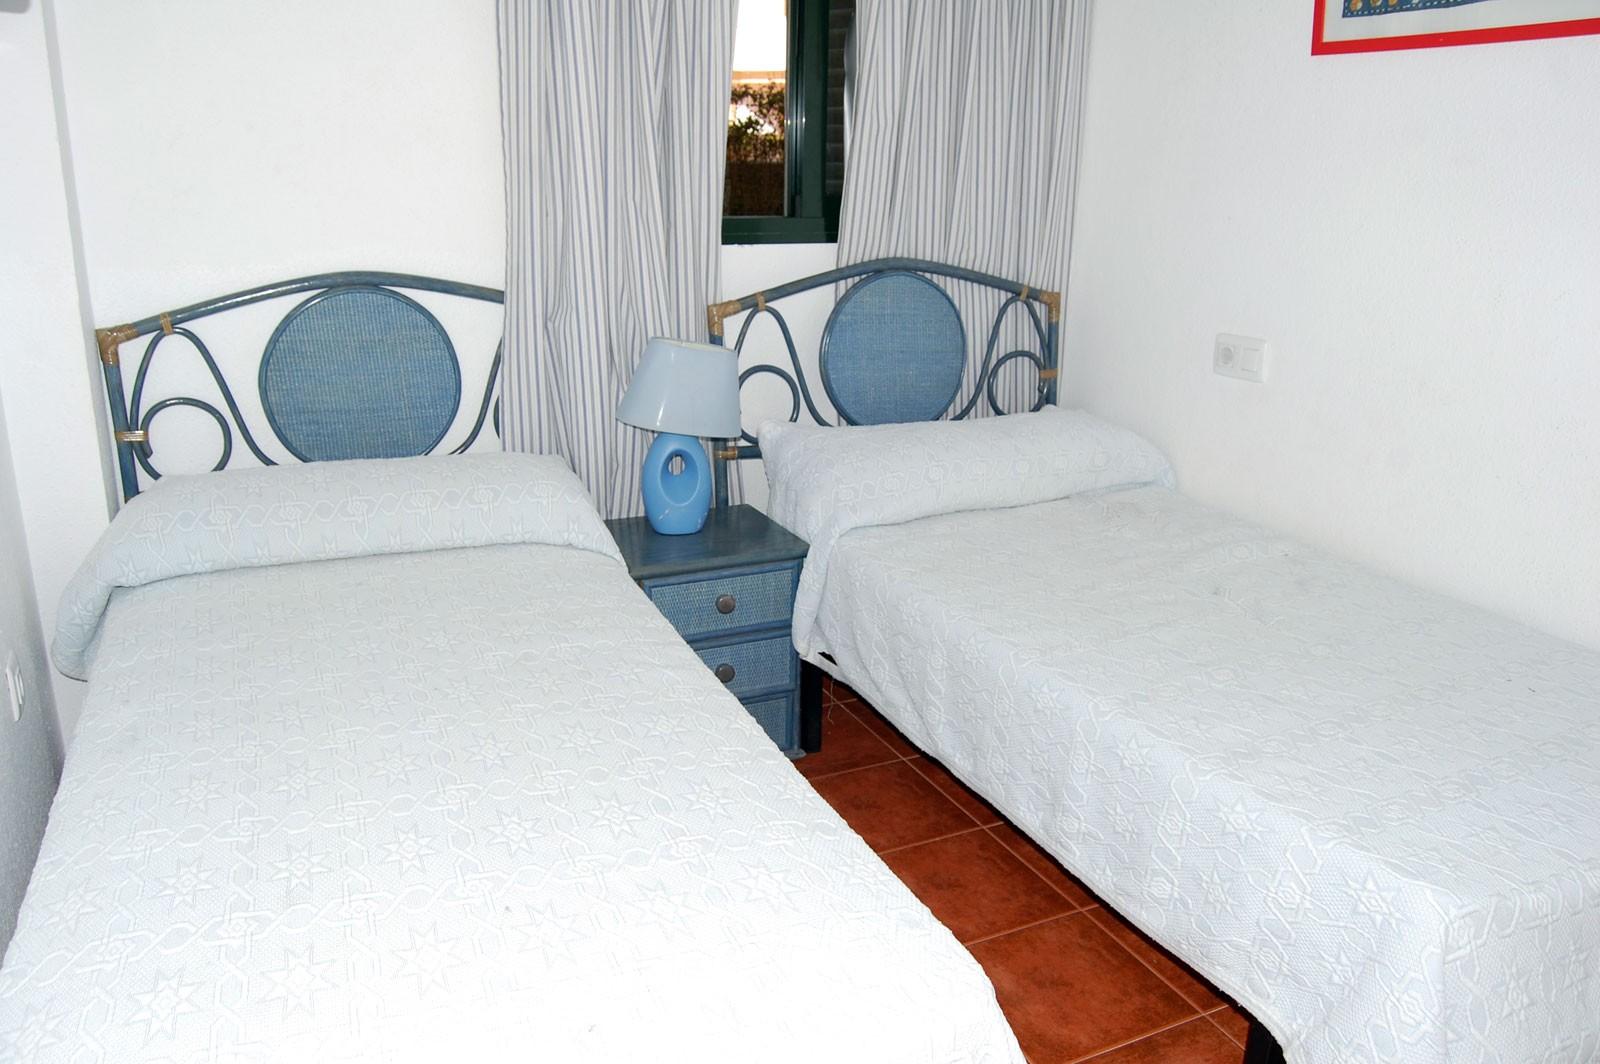 Alquiler de baco con jard n de 3 dormitorios y 2 ba os en for Alquiler bajo con jardin las rozas